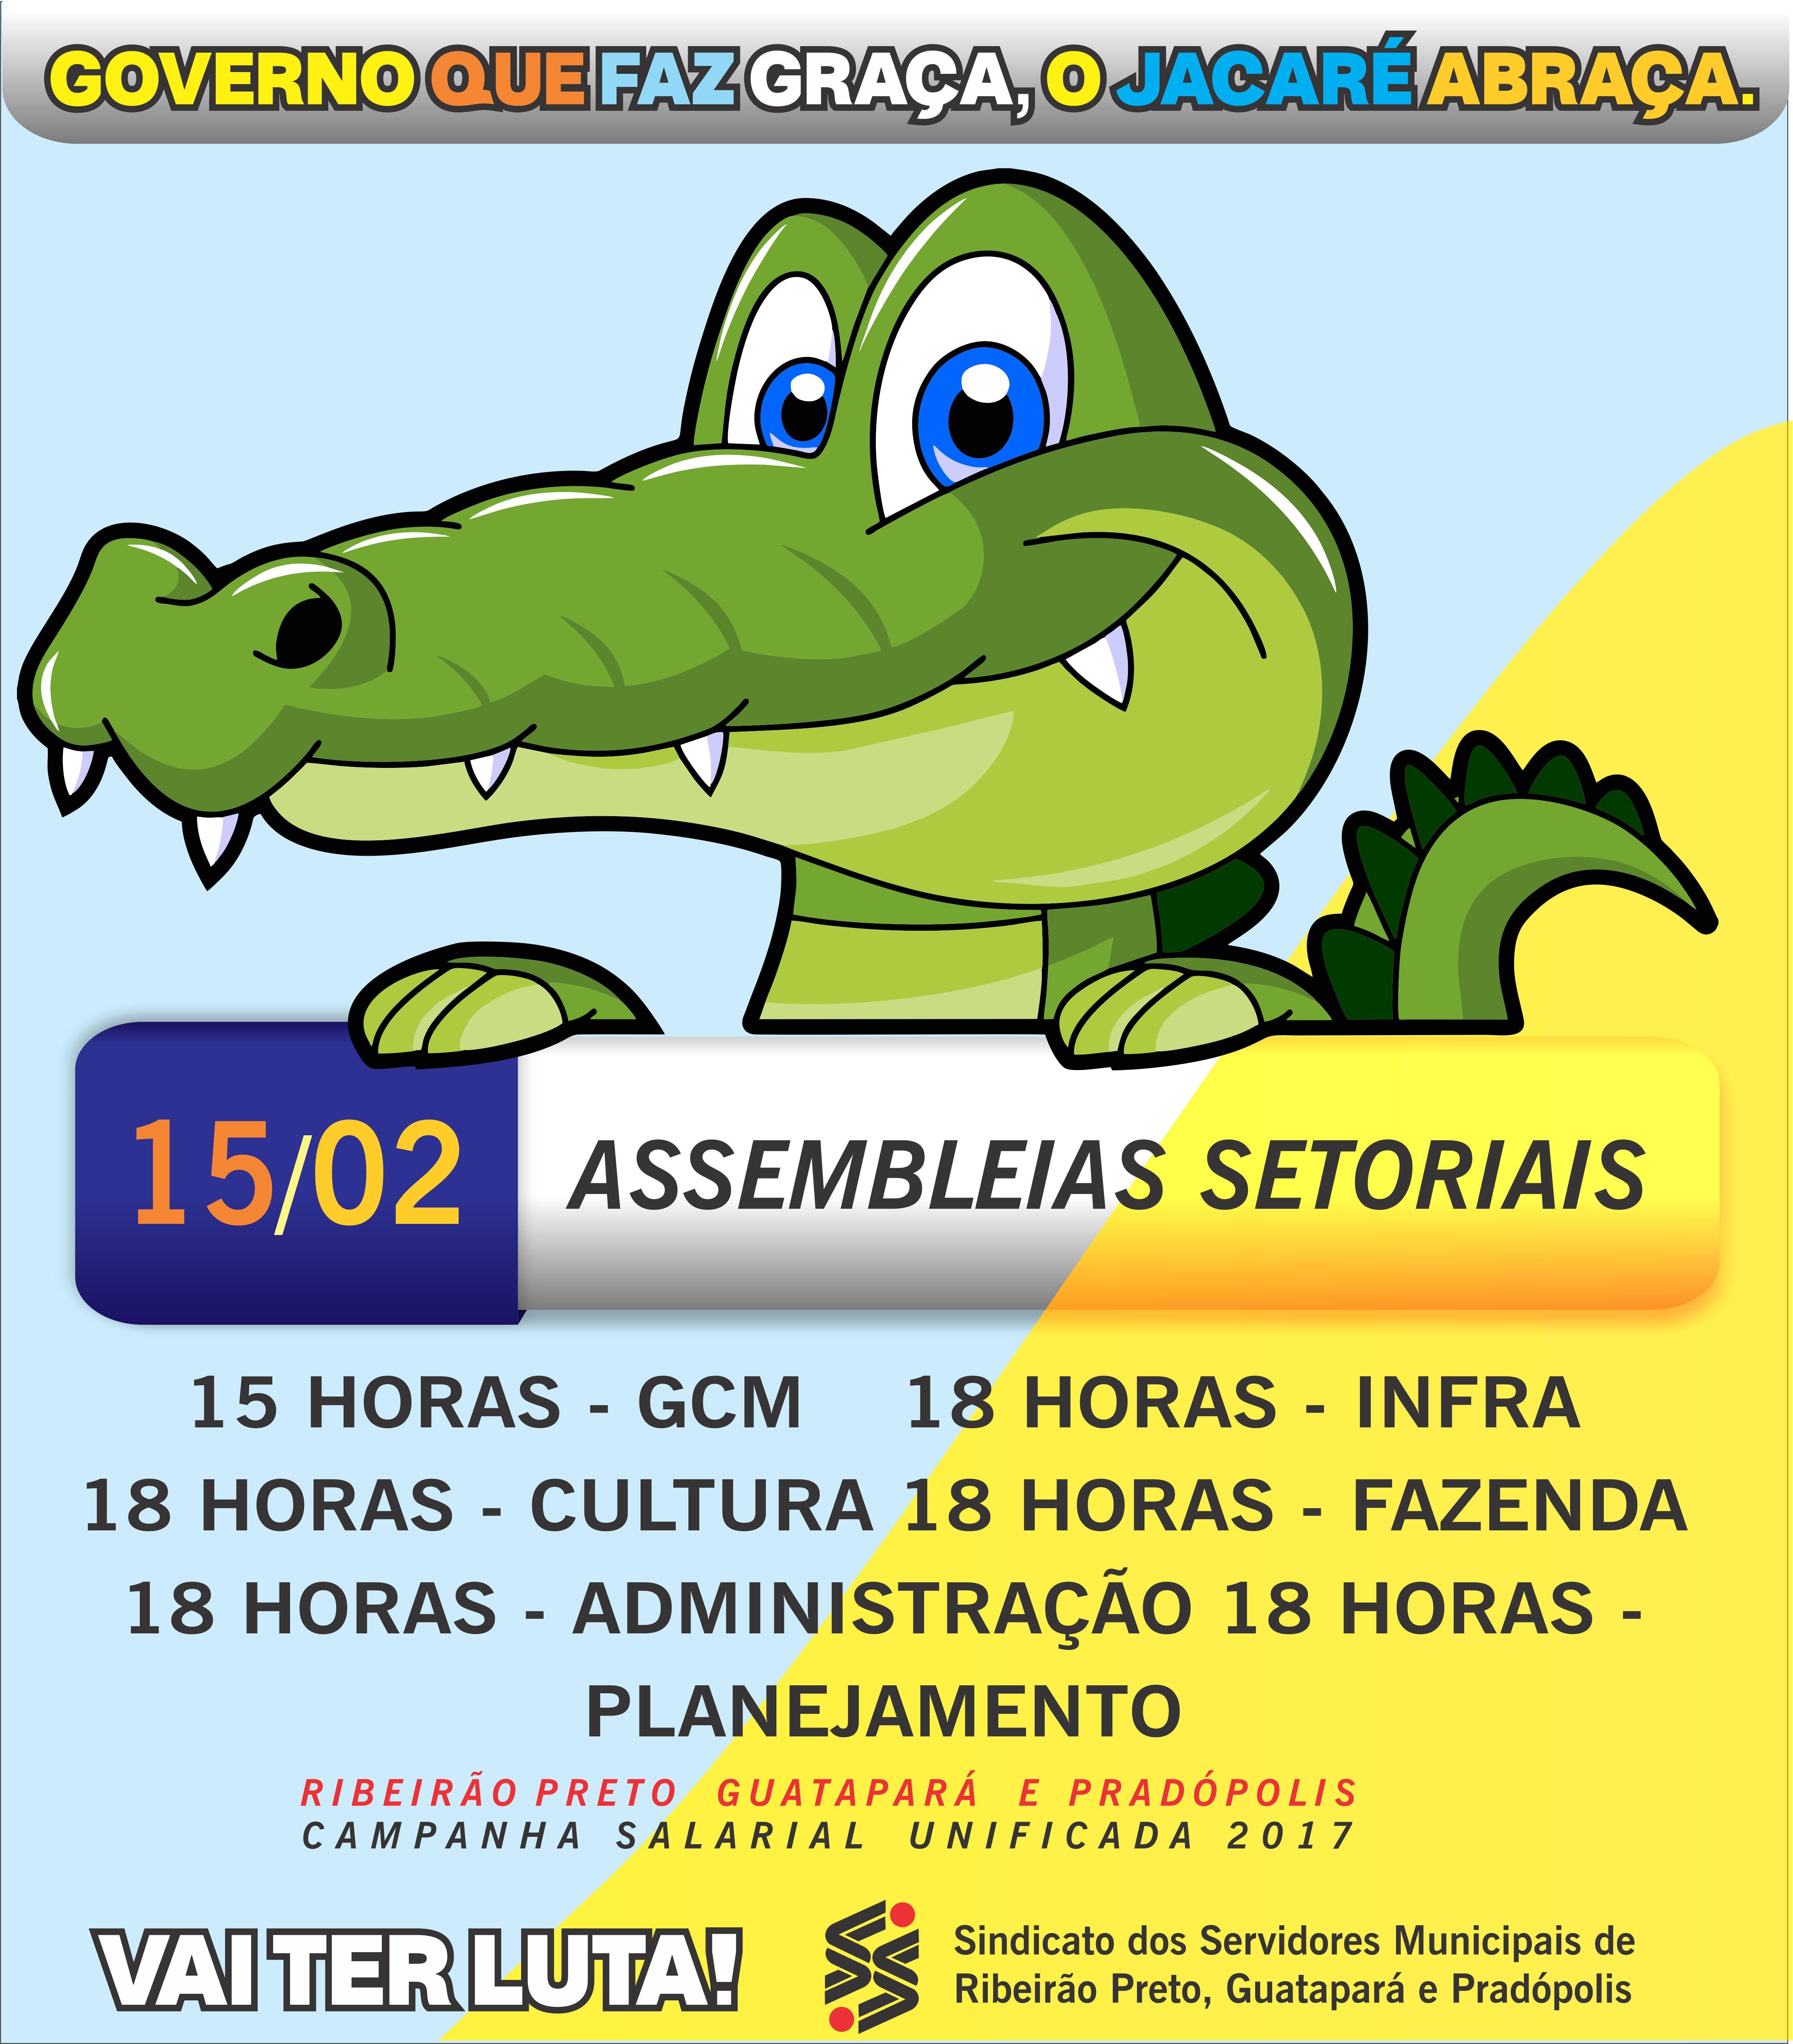 ASSEMBLEIAS SETORIAIS DIA 15